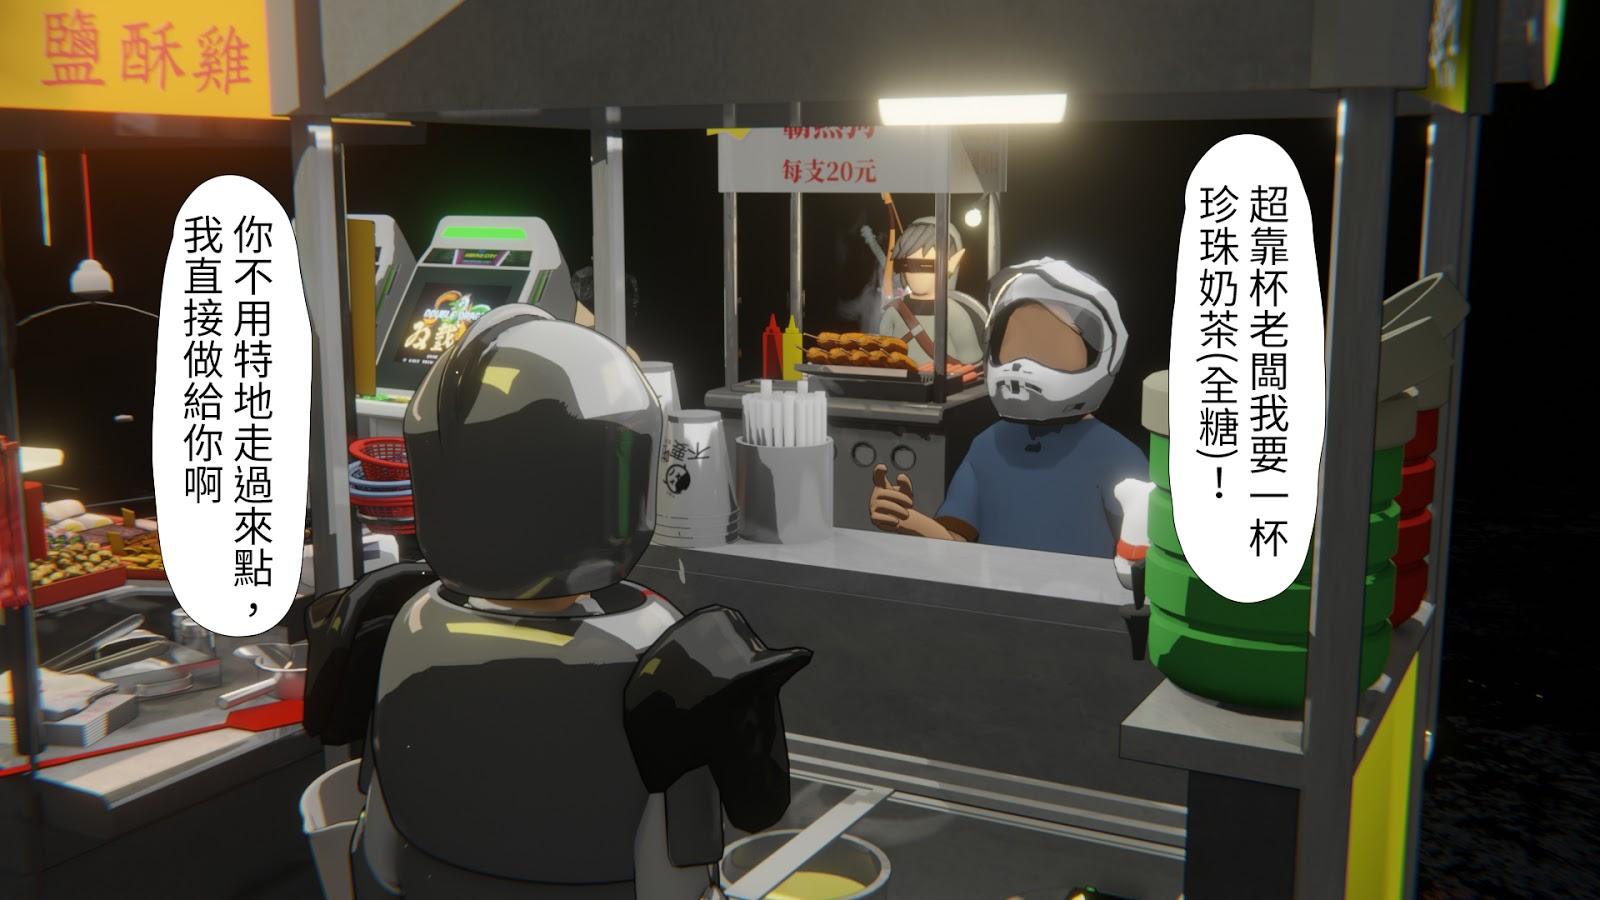 第476話 / AT力場